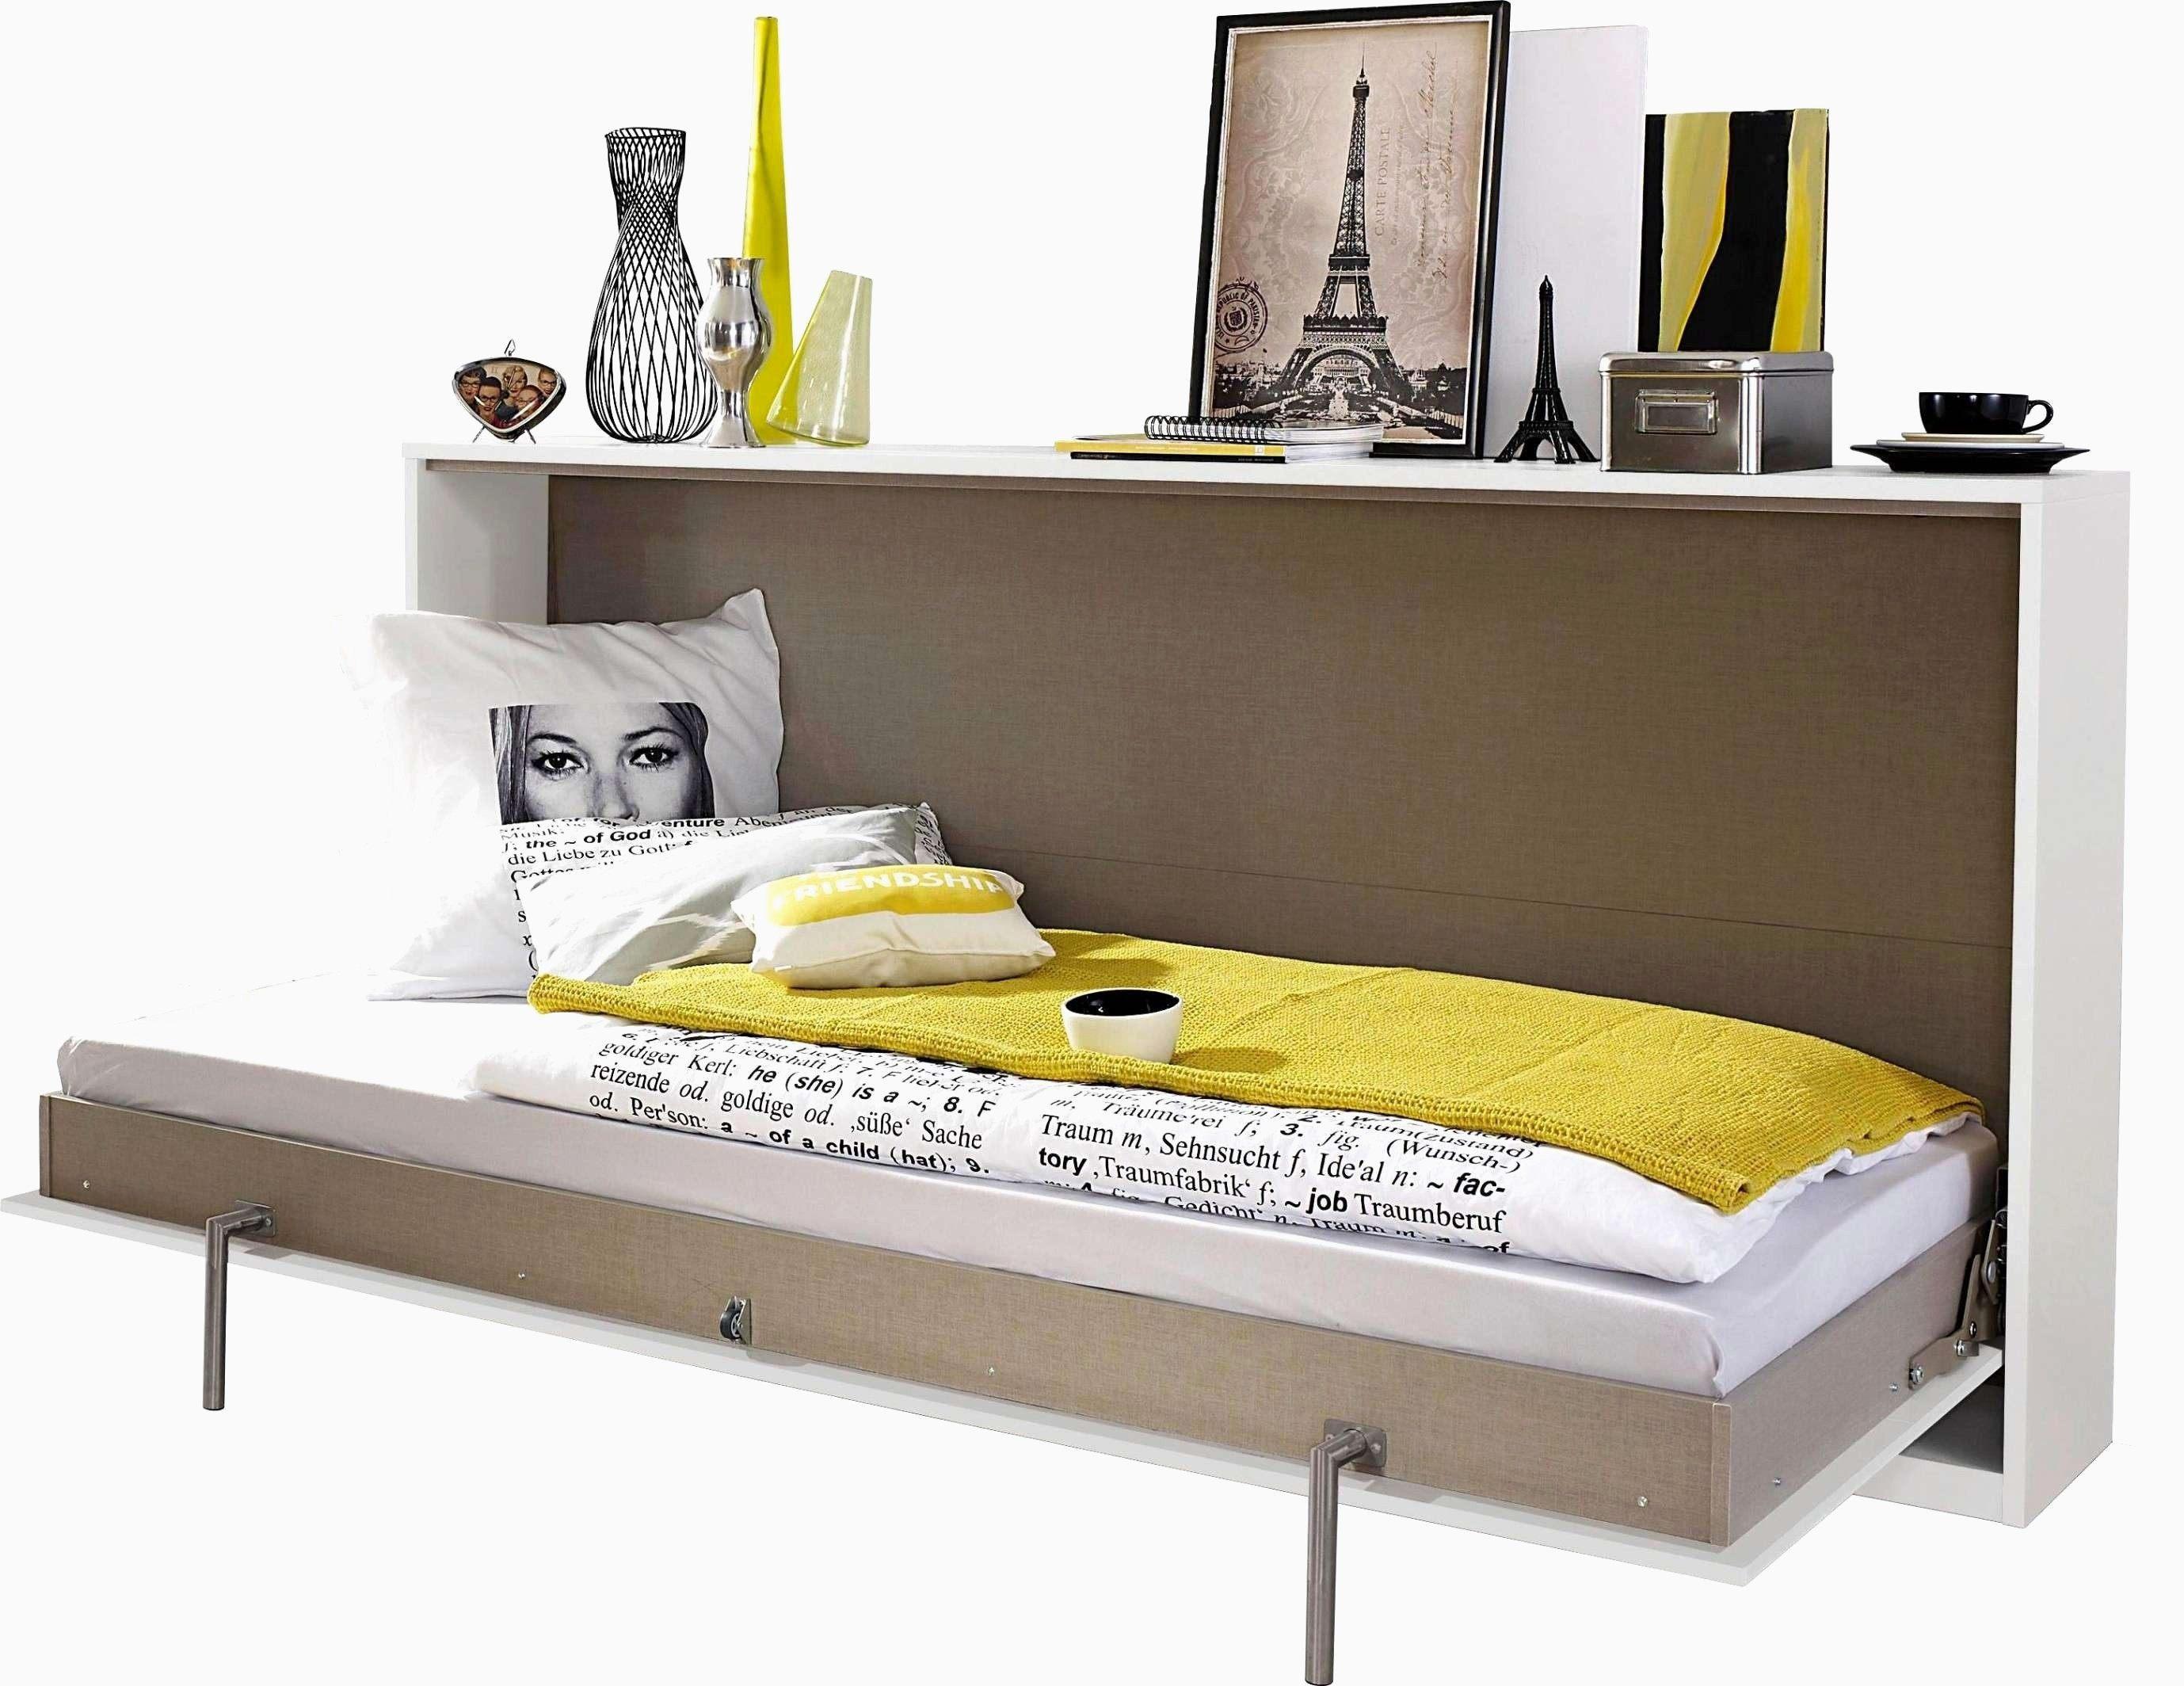 Tete De Lit Avec Rangement 160 Élégant Tete De Lit Rangement 160 Ikea Tete De Lit 160 Meilleur De Image